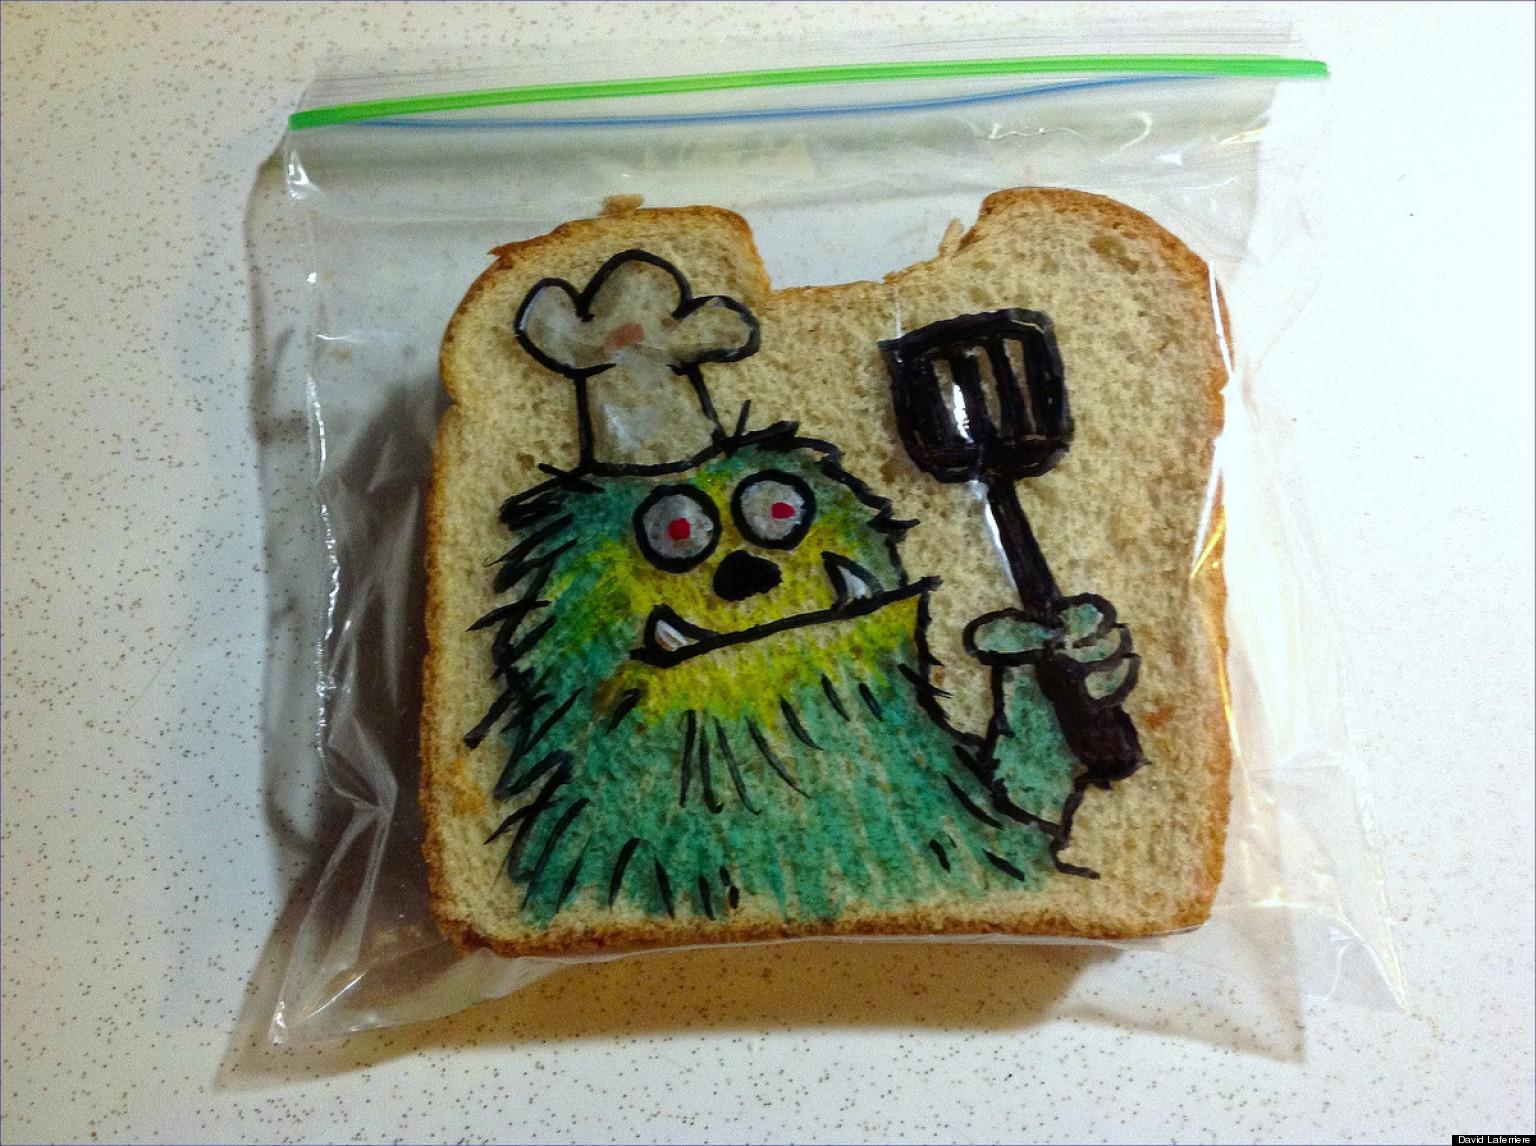 David Laferriere S Sandwich Art Dad Decorates Kids